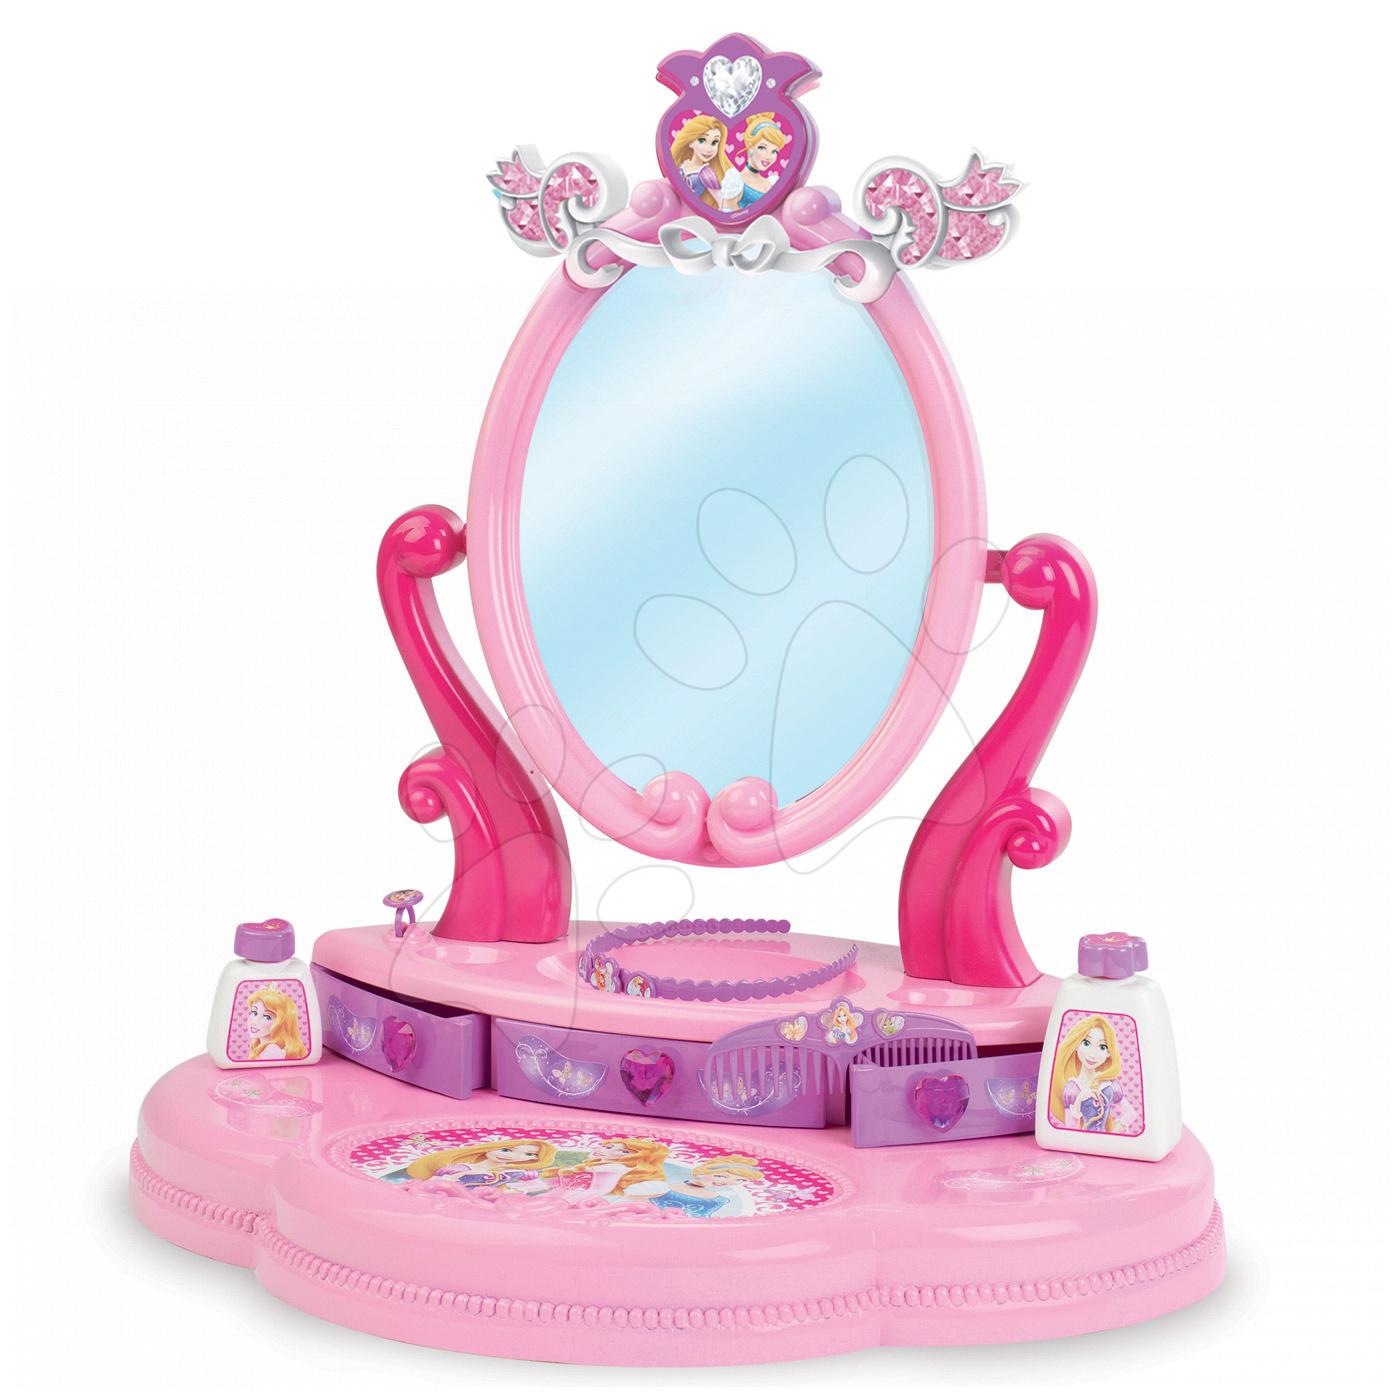 Kosmetický stolek Disney Princezny Smoby s otevírací zásuvkou a 5 doplňky